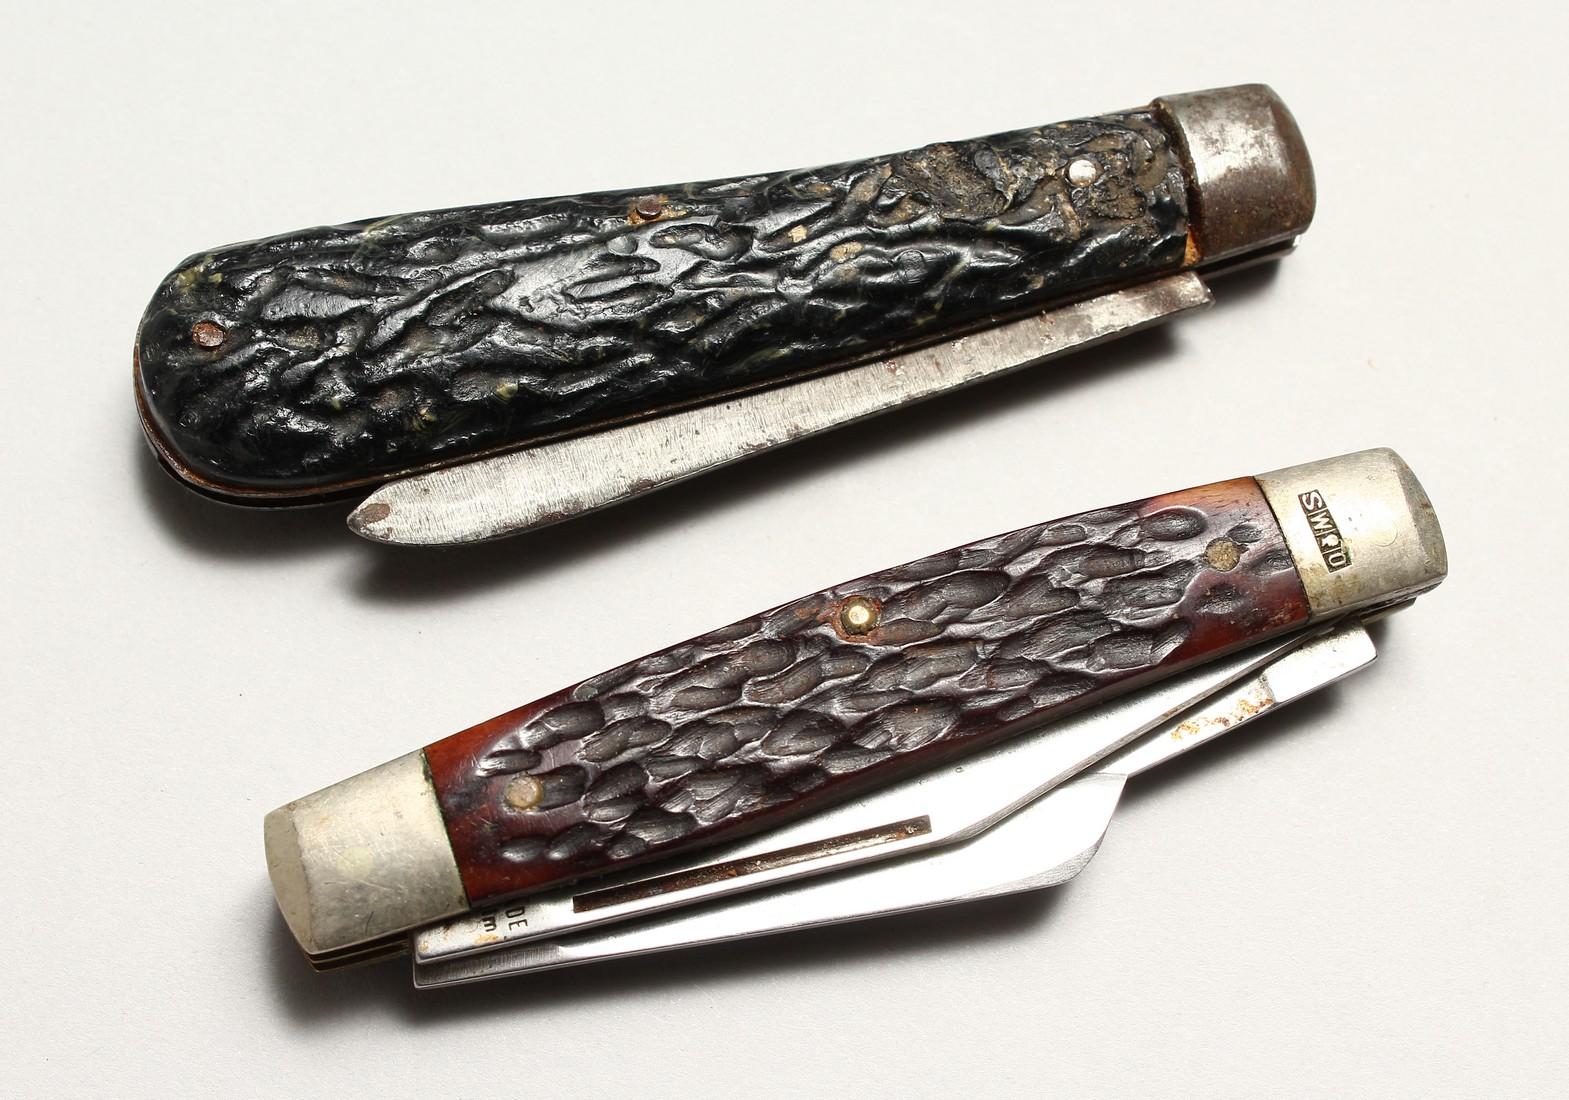 TWO SHEFFIELD WOSTERHOLM PEN KNIVES